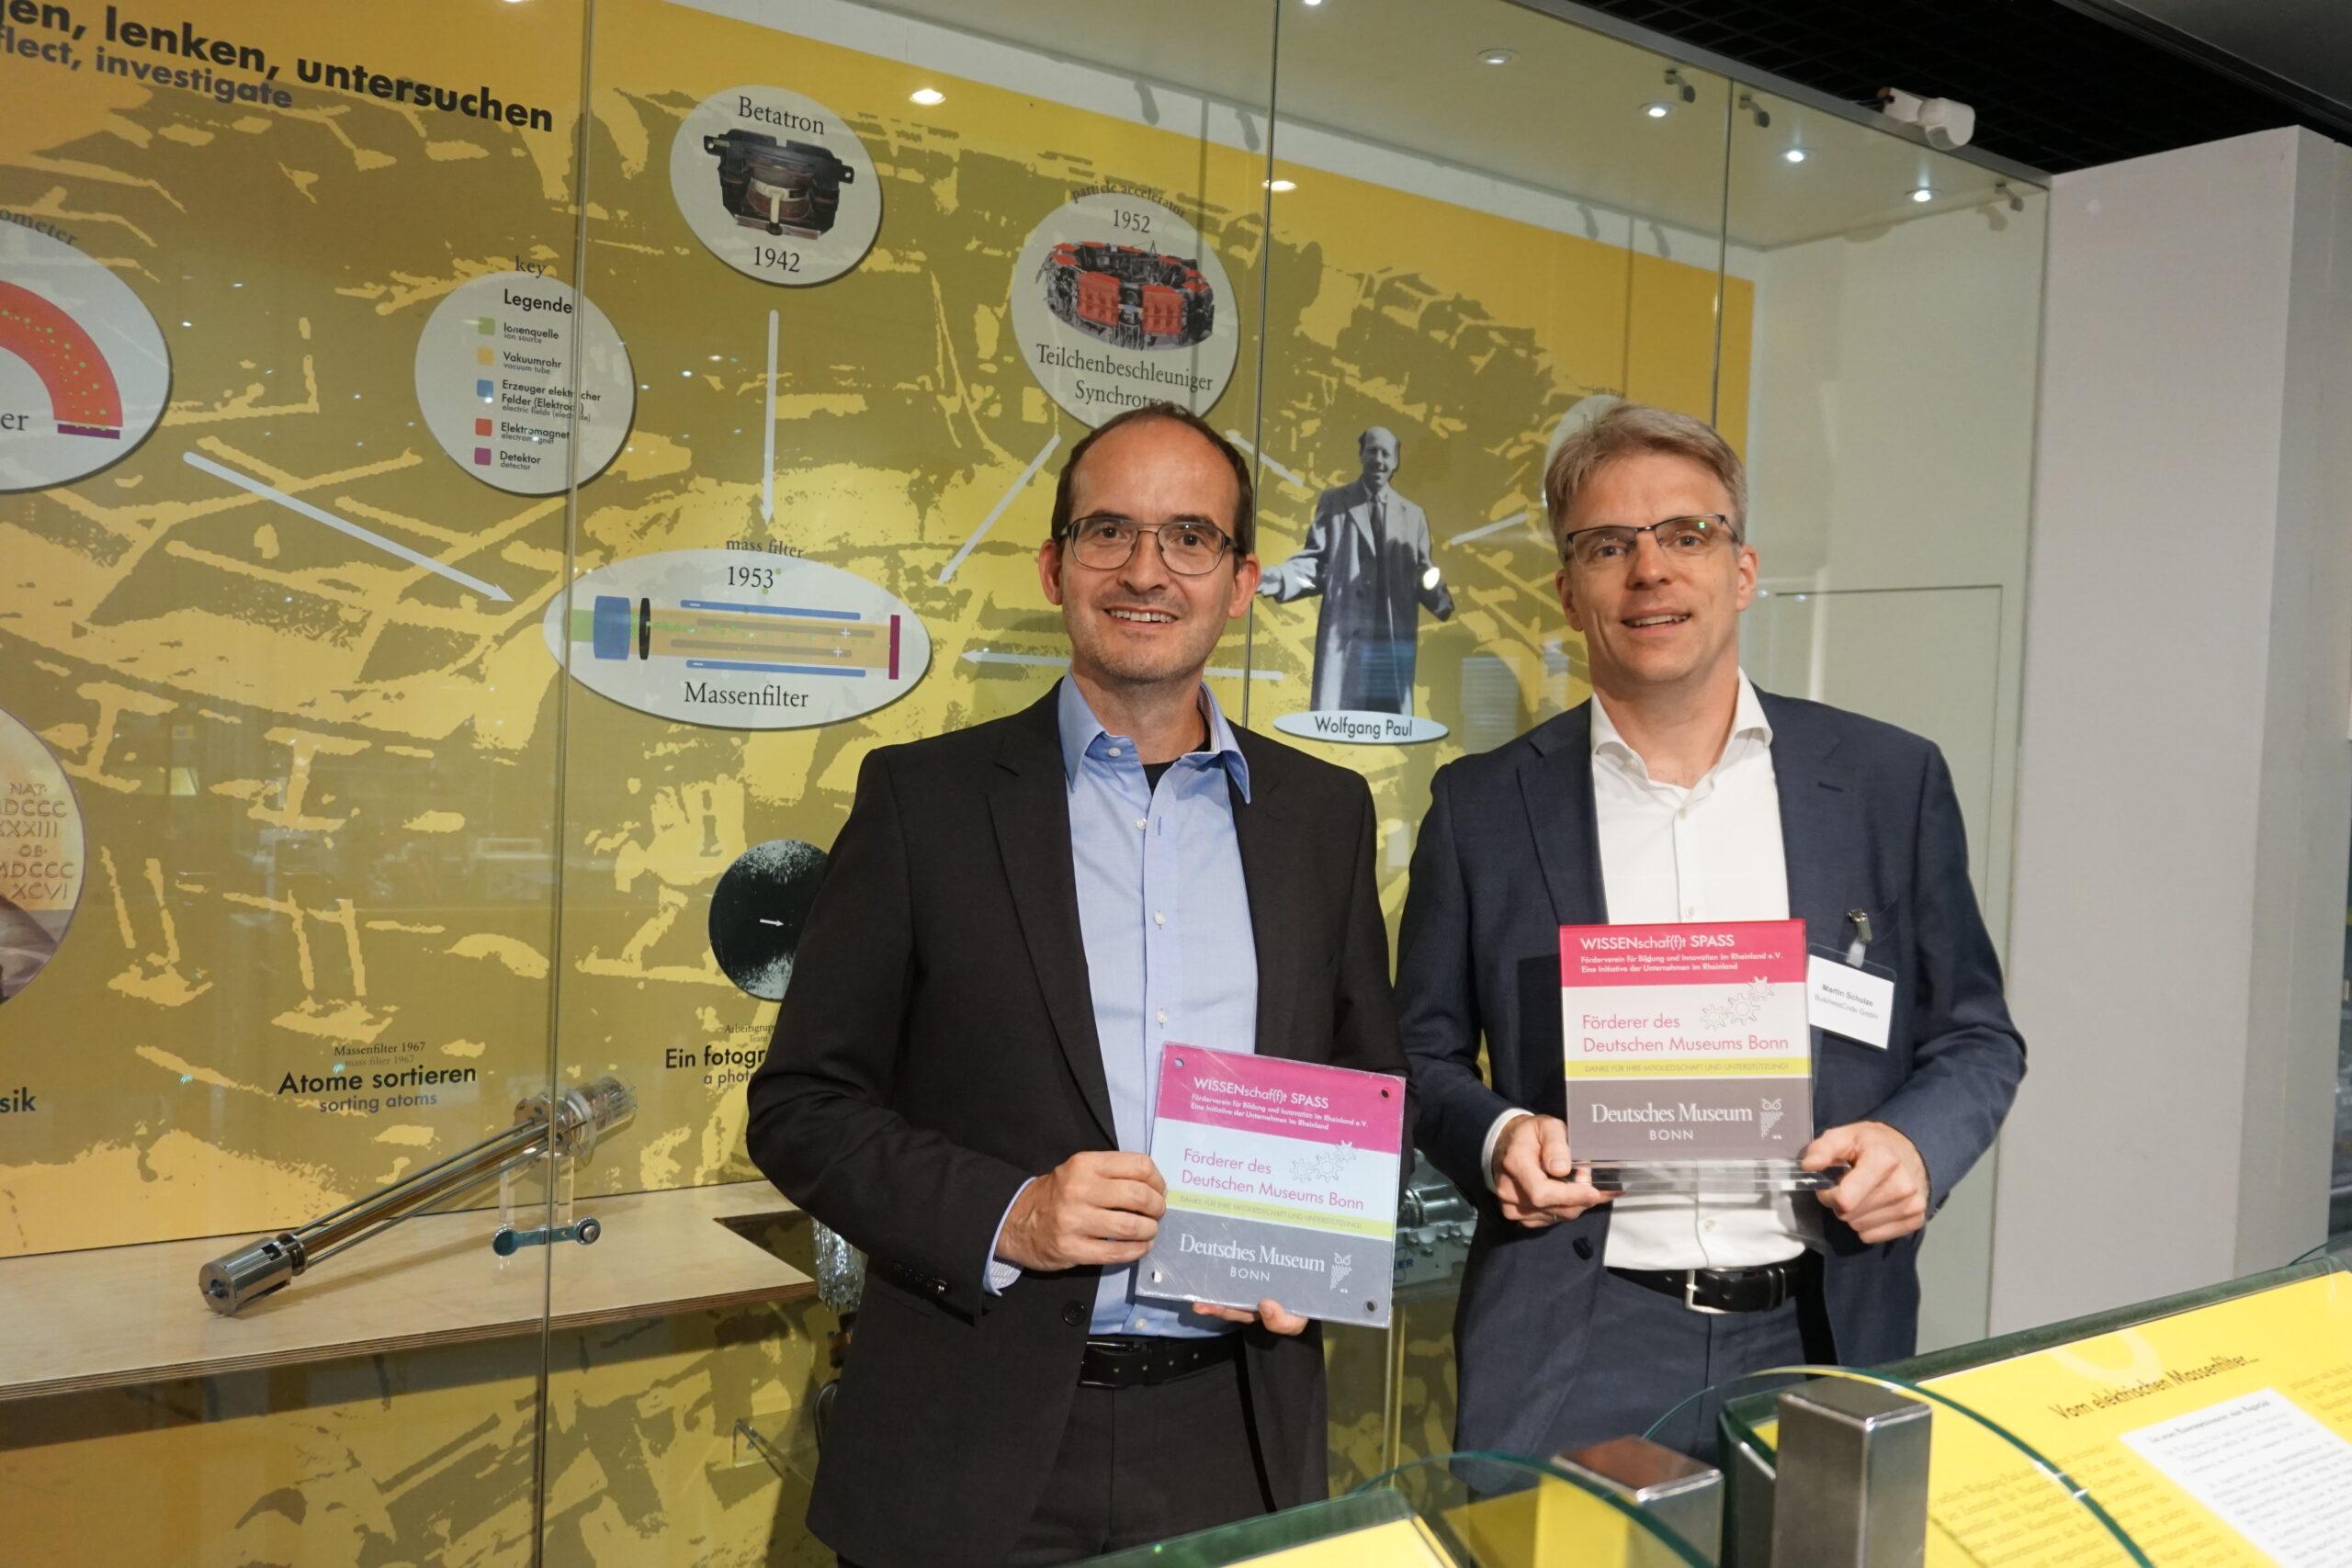 BusinessCode fördert MINT in der Region Bonn/Rhein-Sieg - Martin Bernemann und Martin Schulze im Deutschen Museum Bonn